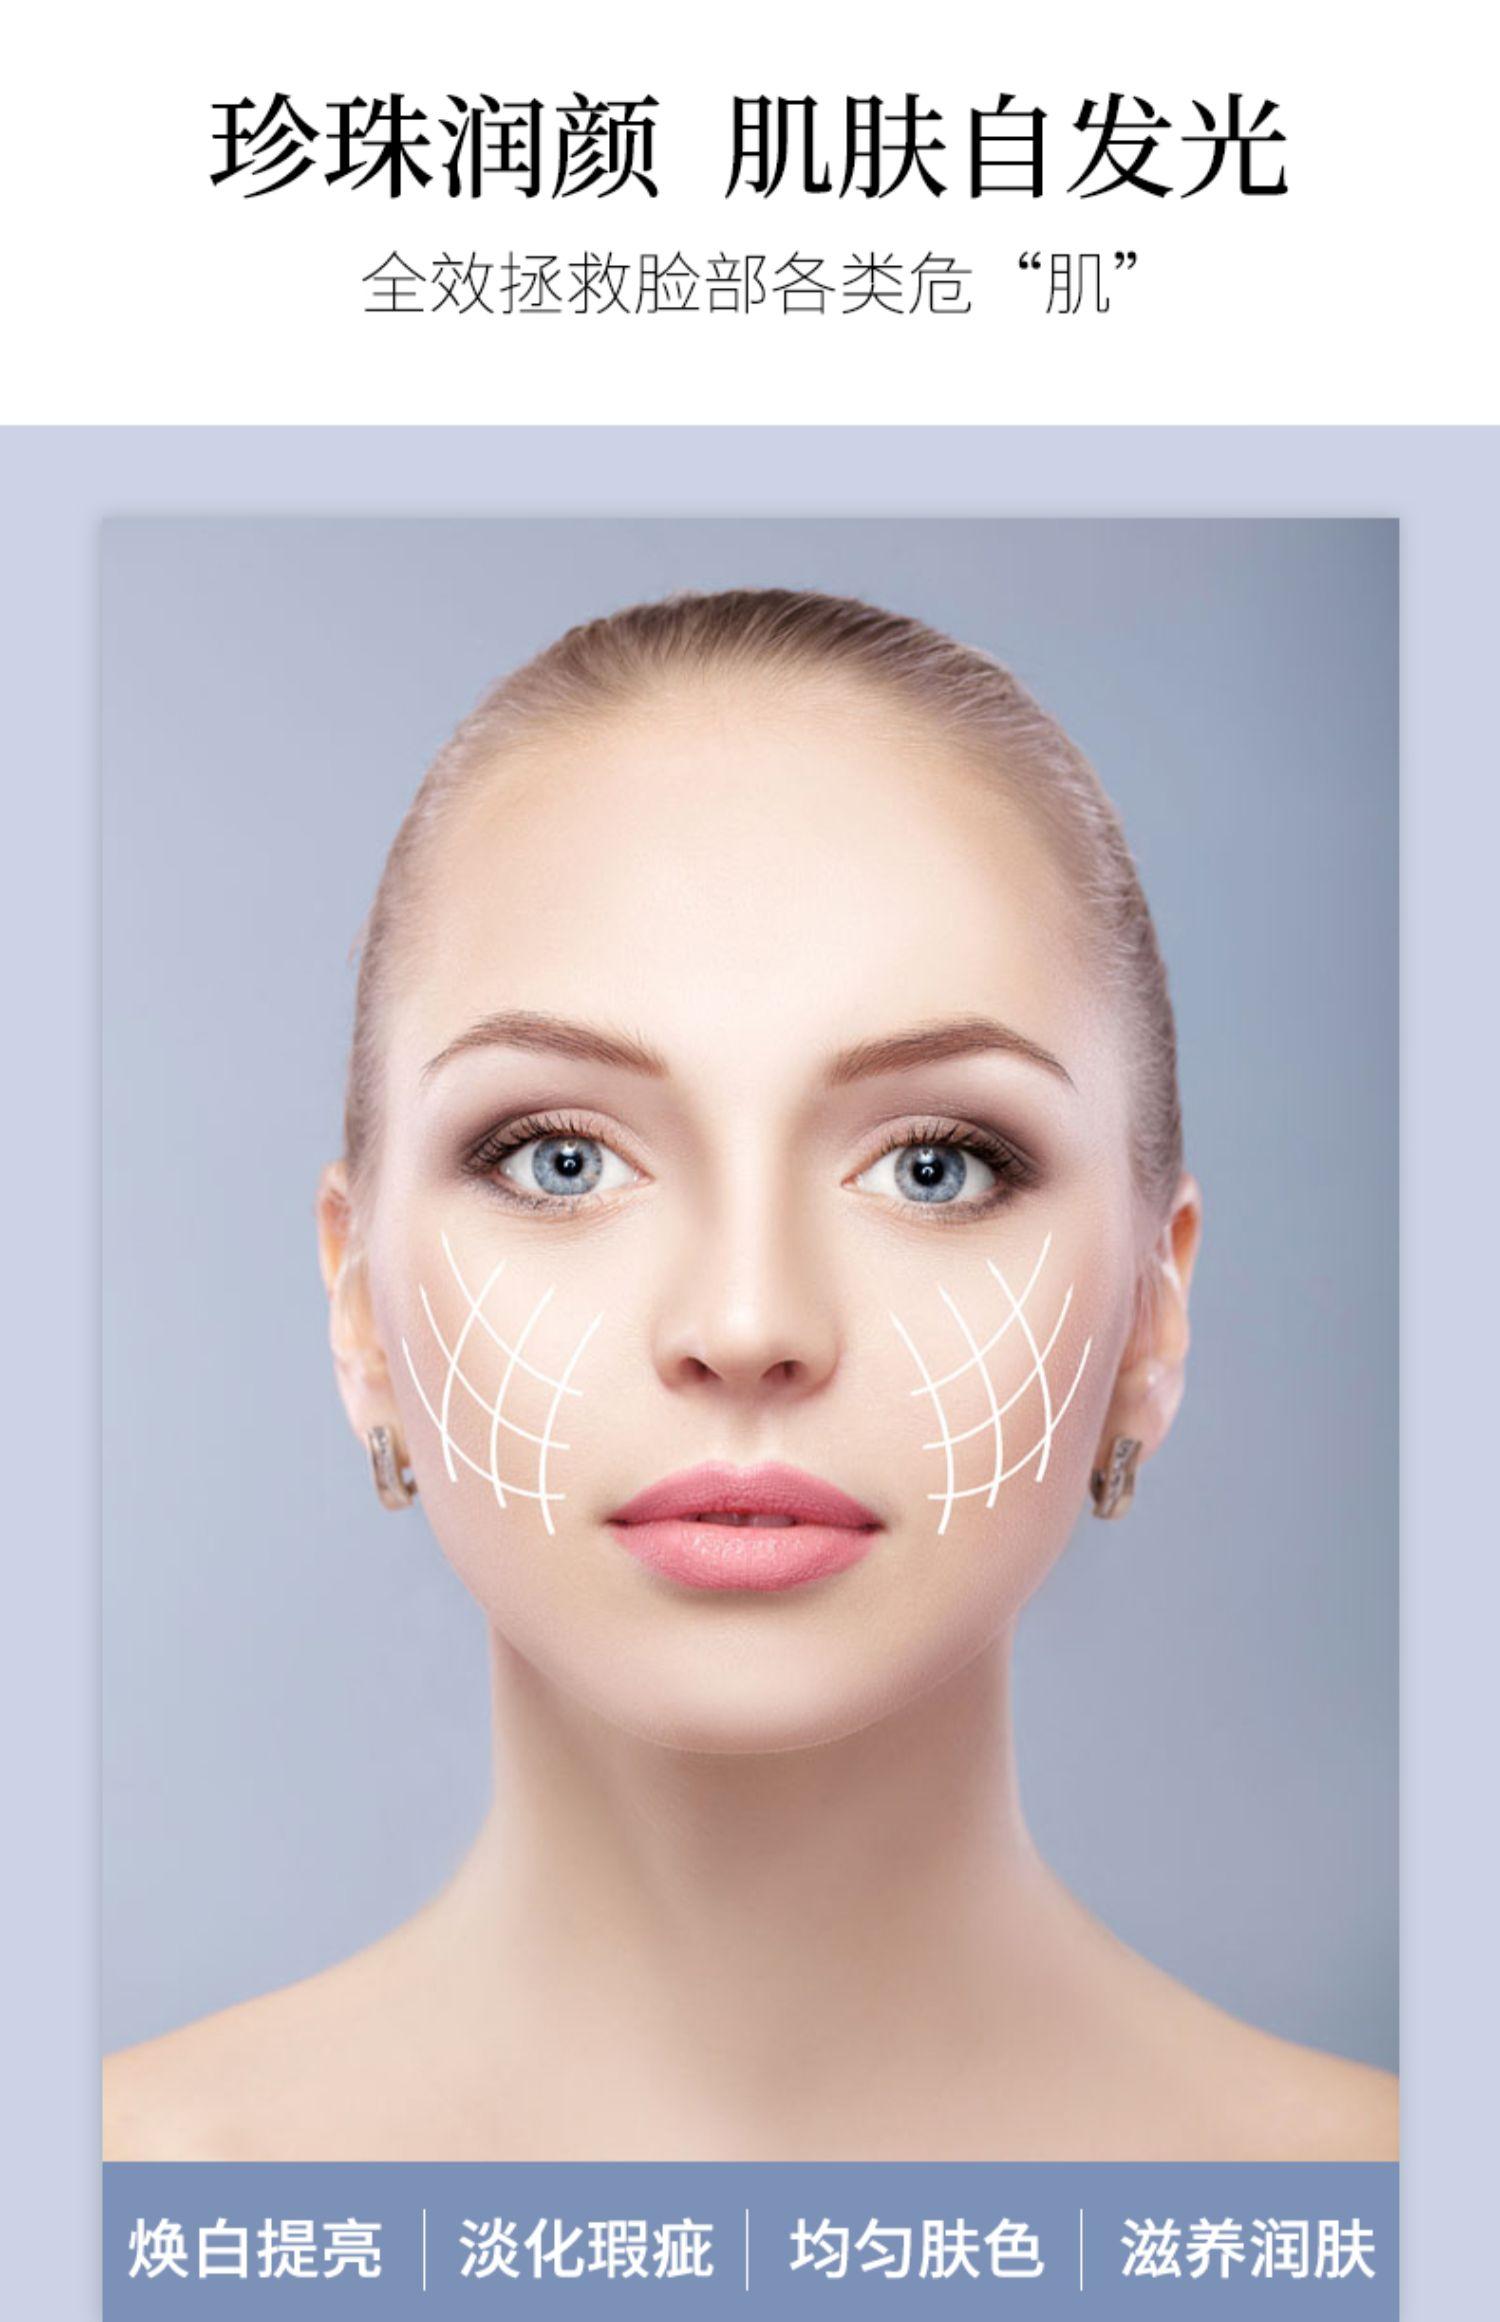 仁和瓷肌珍珠粉正品面膜粉天然补水淡痘印纯软膜粉提亮肤色女外用商品详情图